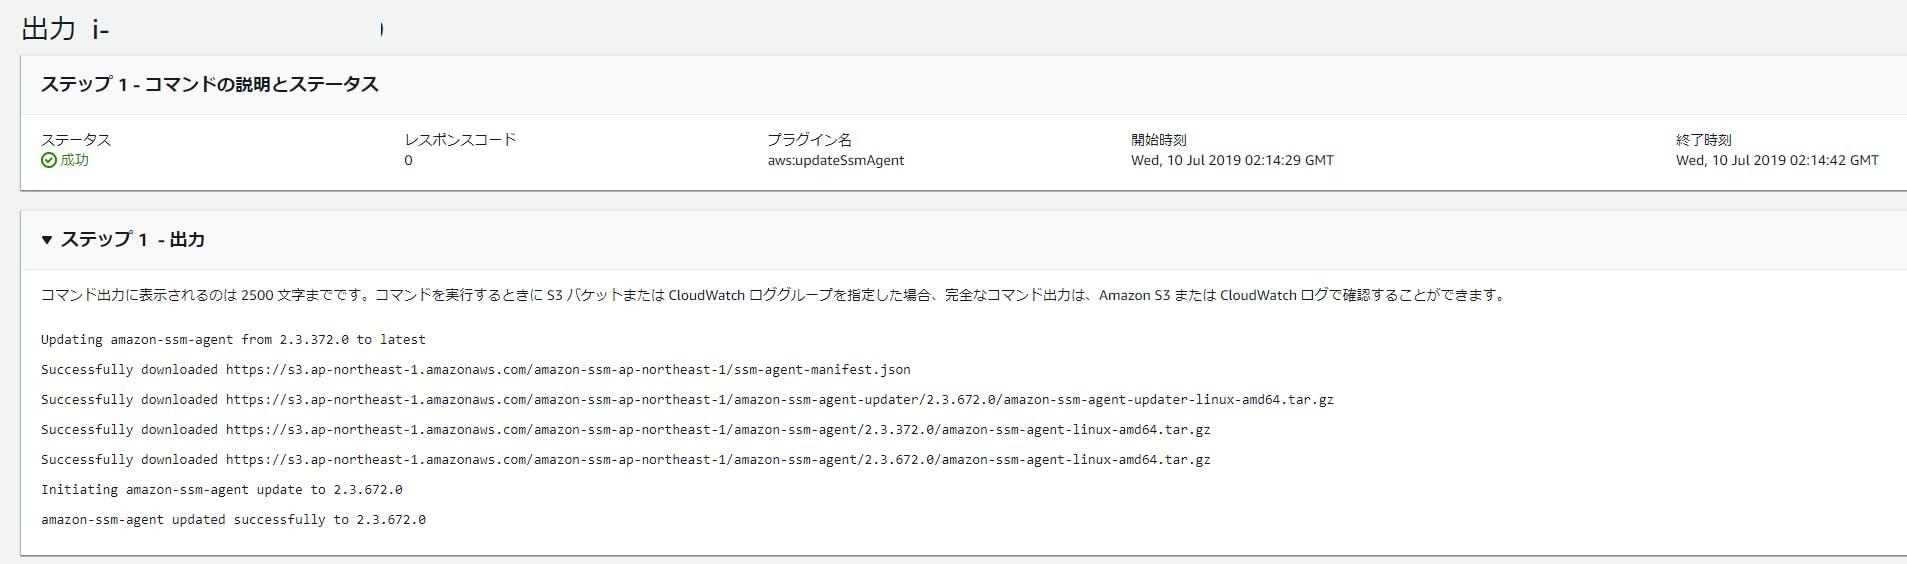 Session Manager で SSH/SCPをトンネリングしてEC2に接続する - Qiita